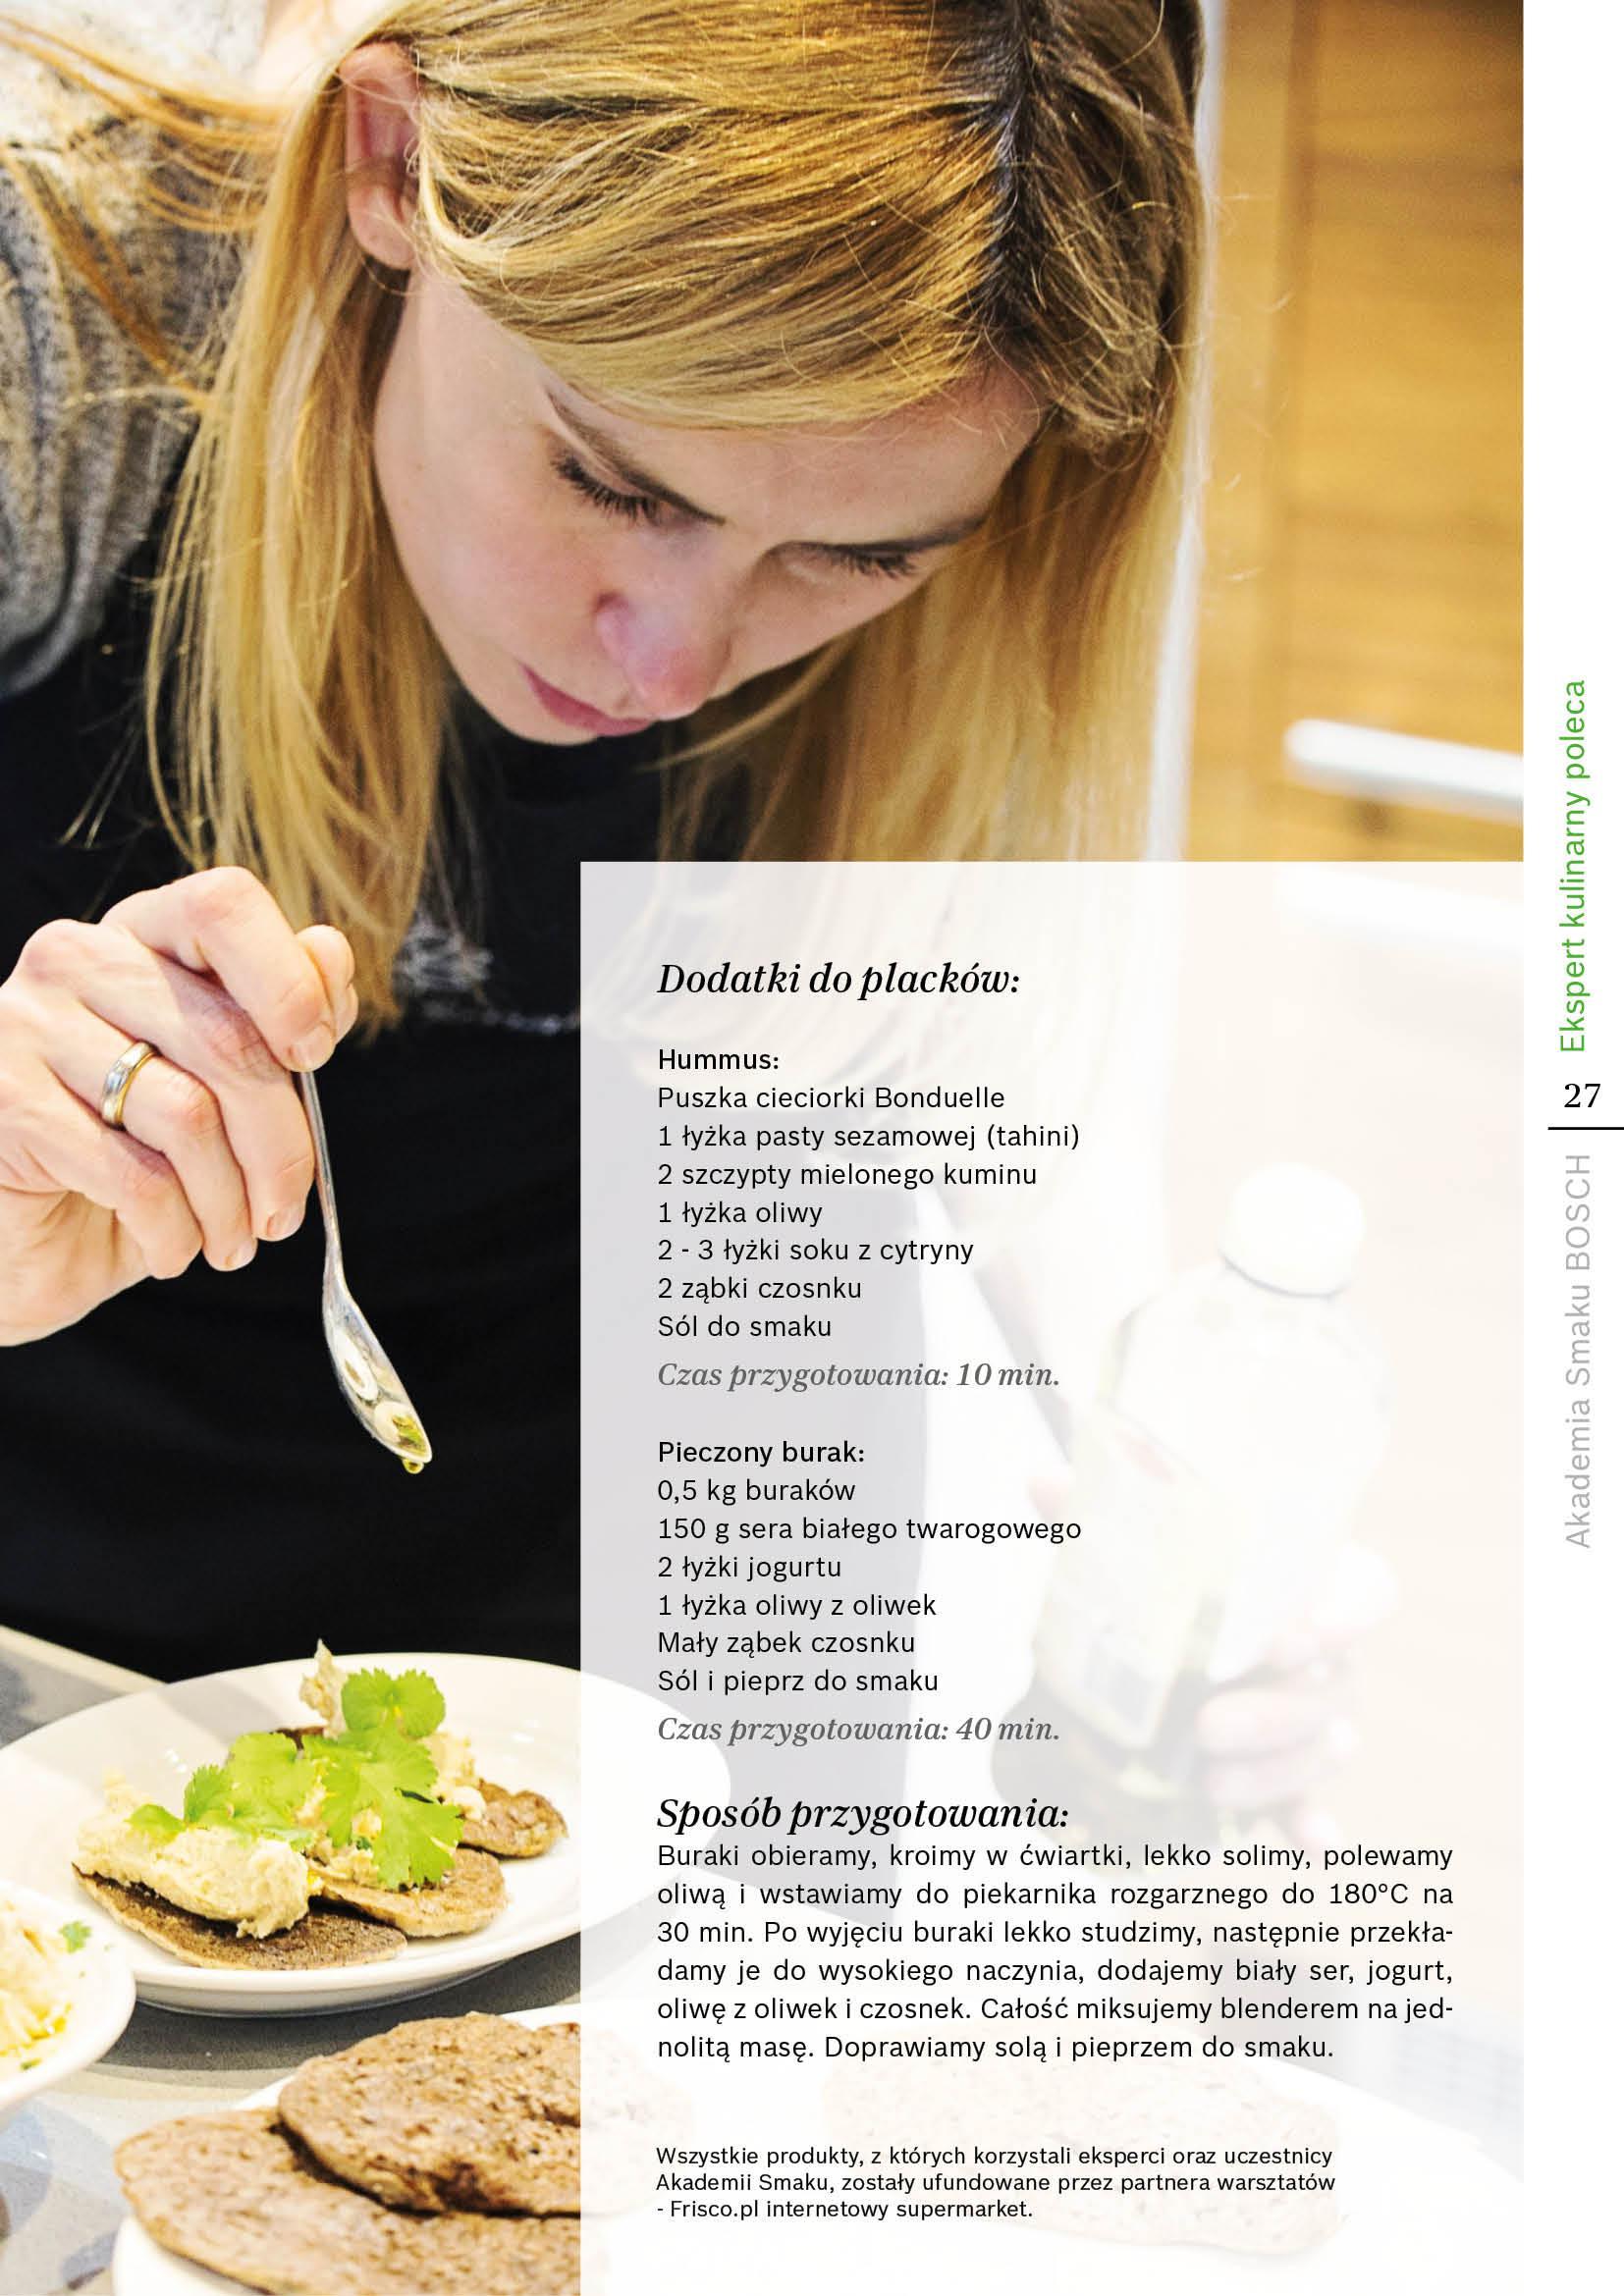 Jedz zdrowo! Przyszła mama w kuchni - Strona 27